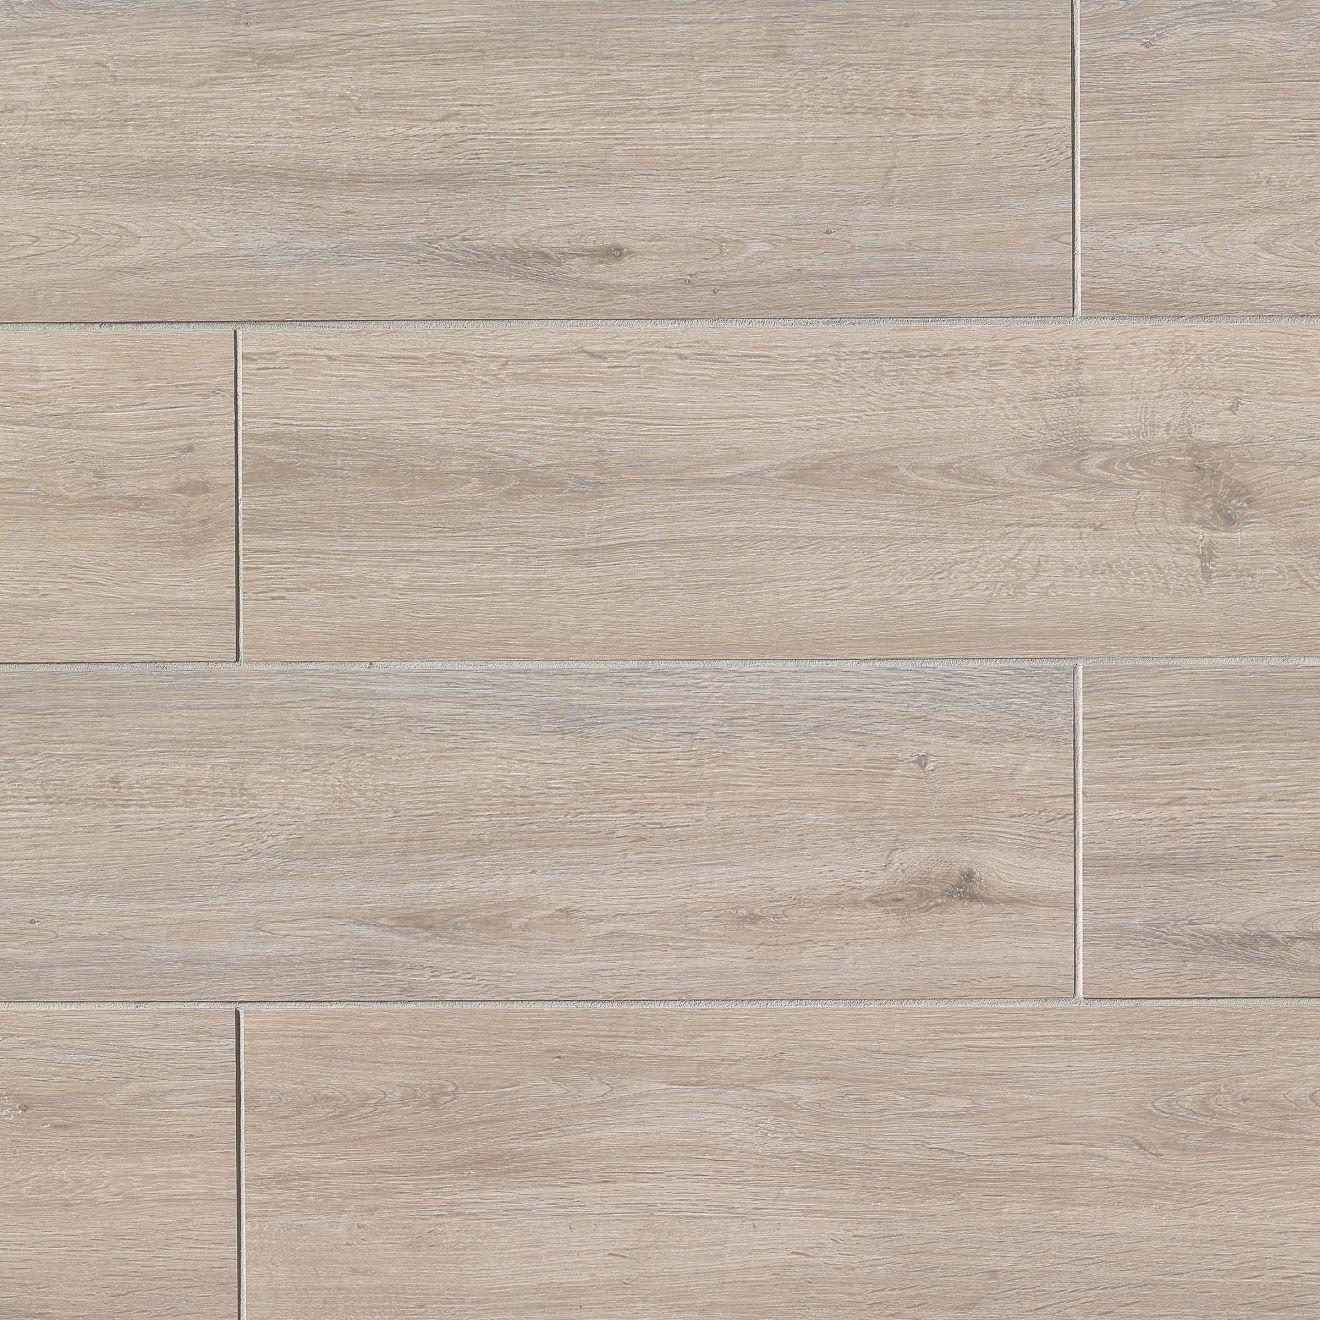 Titus 8 Quot X 36 Quot Floor Amp Wall Tile In Beige